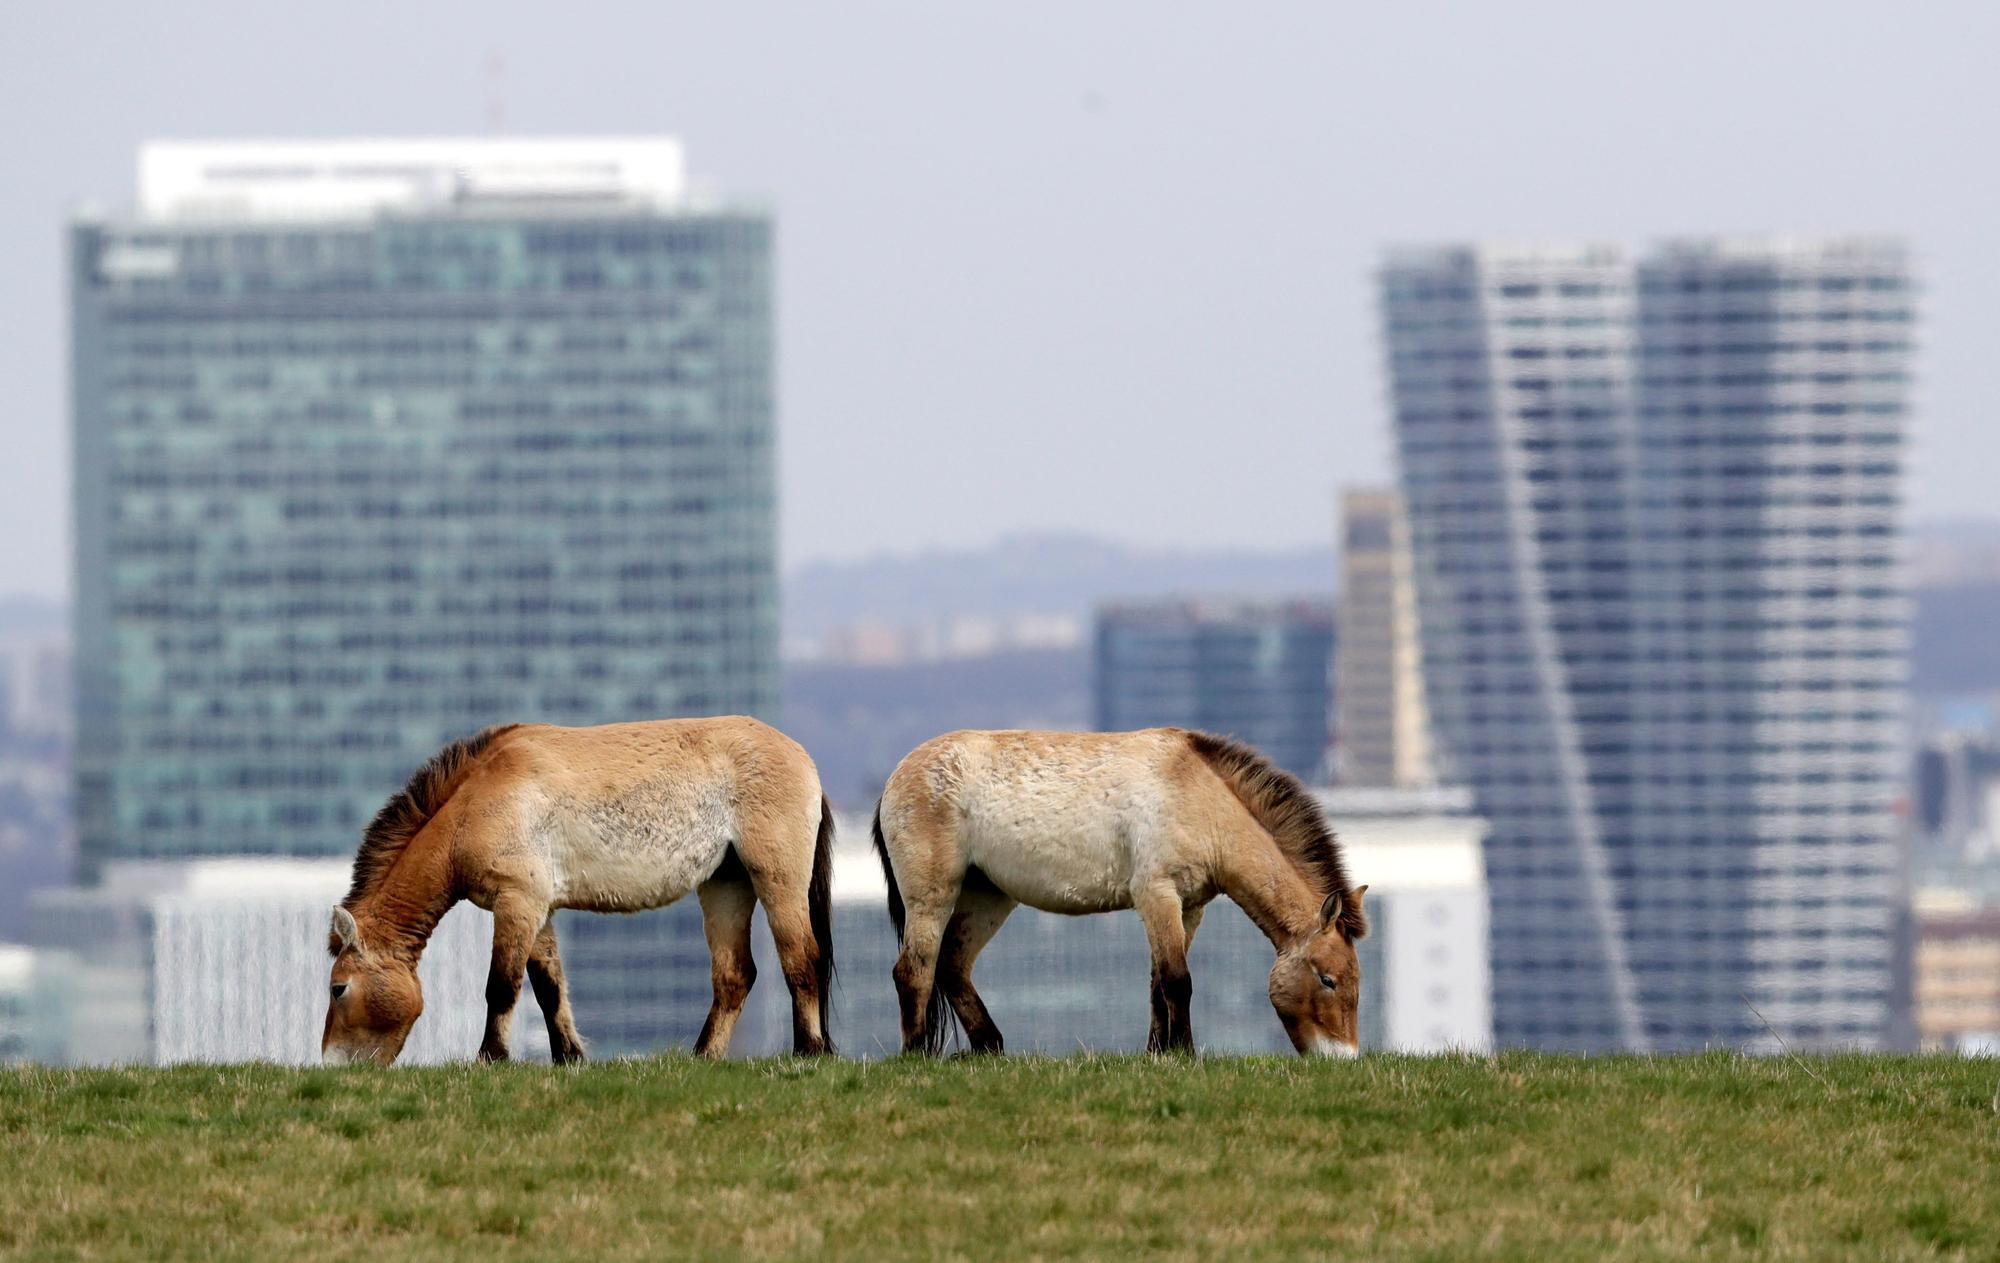 Animales del zoo de Praga pastan con los rascacielos al fondo